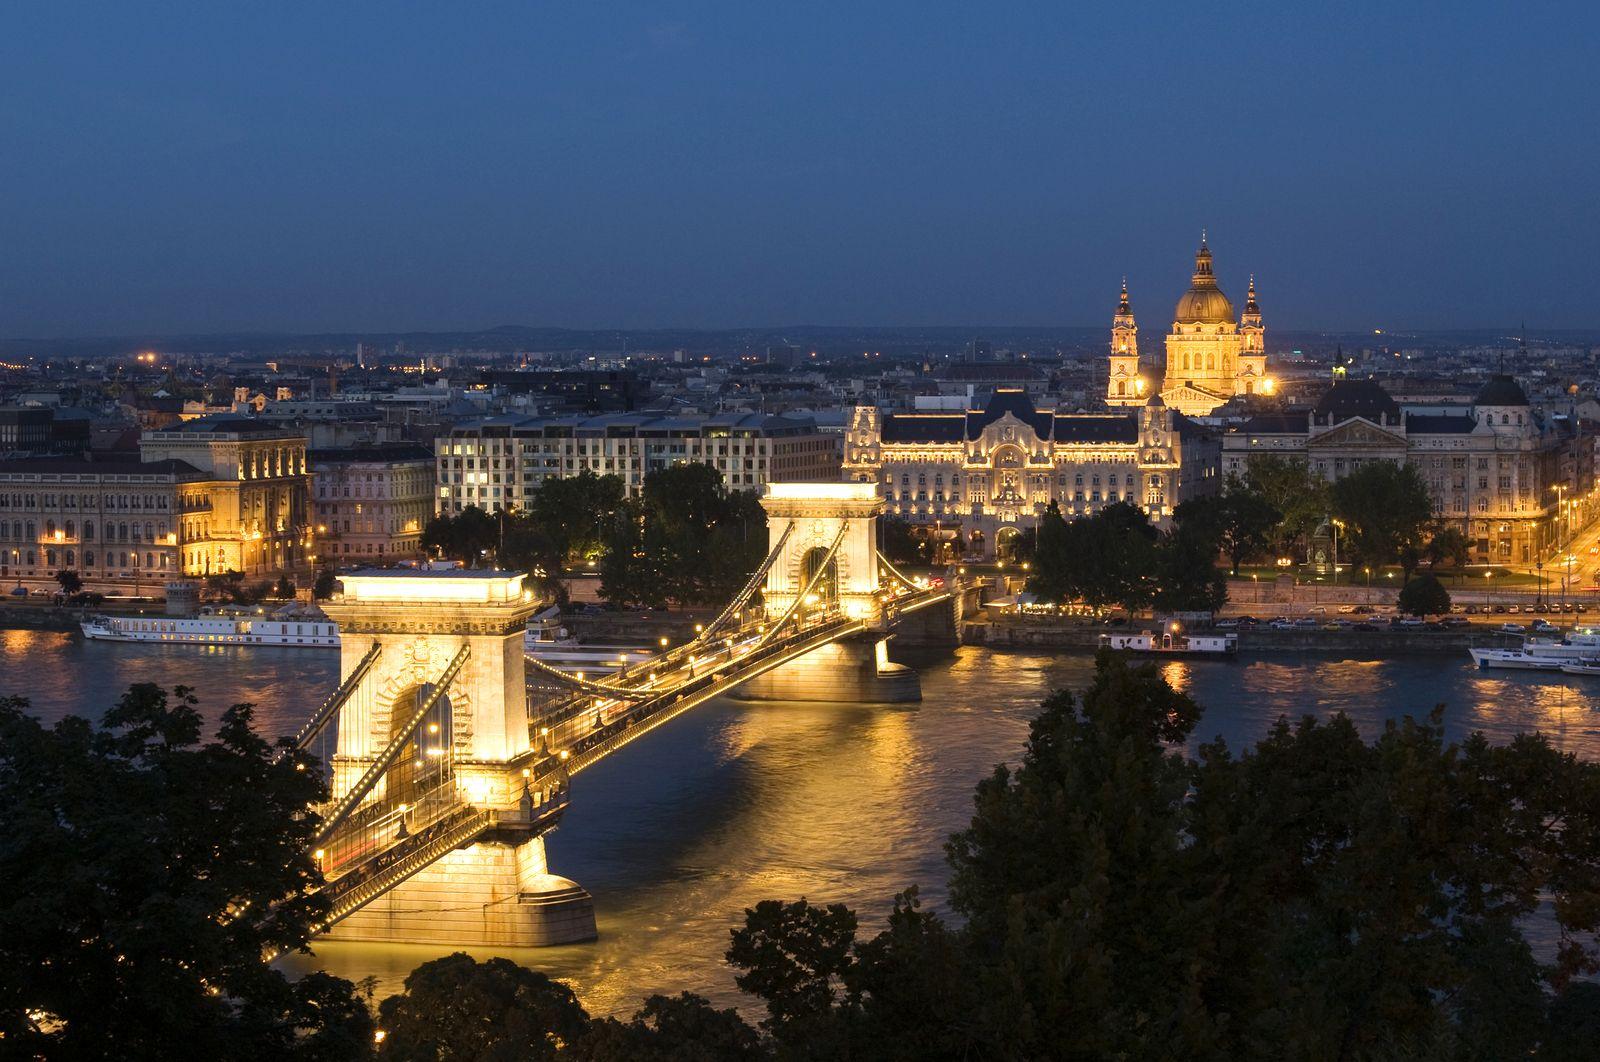 NICHT MEHR VERWENDEN! - Ungarn / Budapest / Hebel XXL